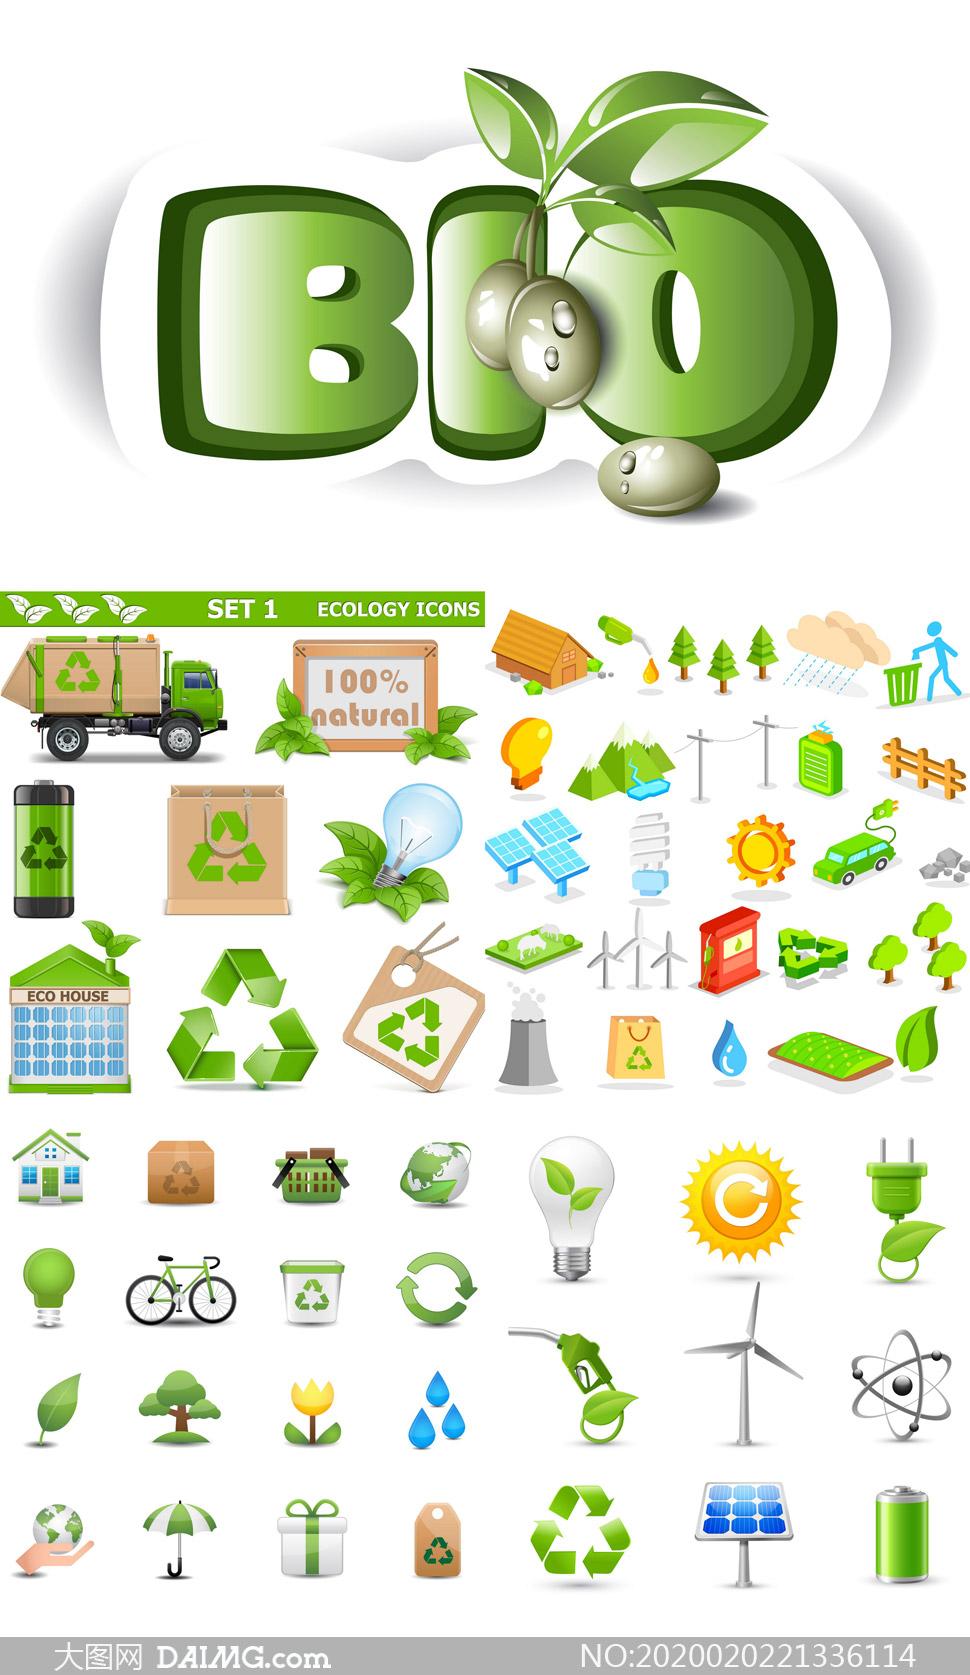 多种绿色节能环保元素创意矢量素材